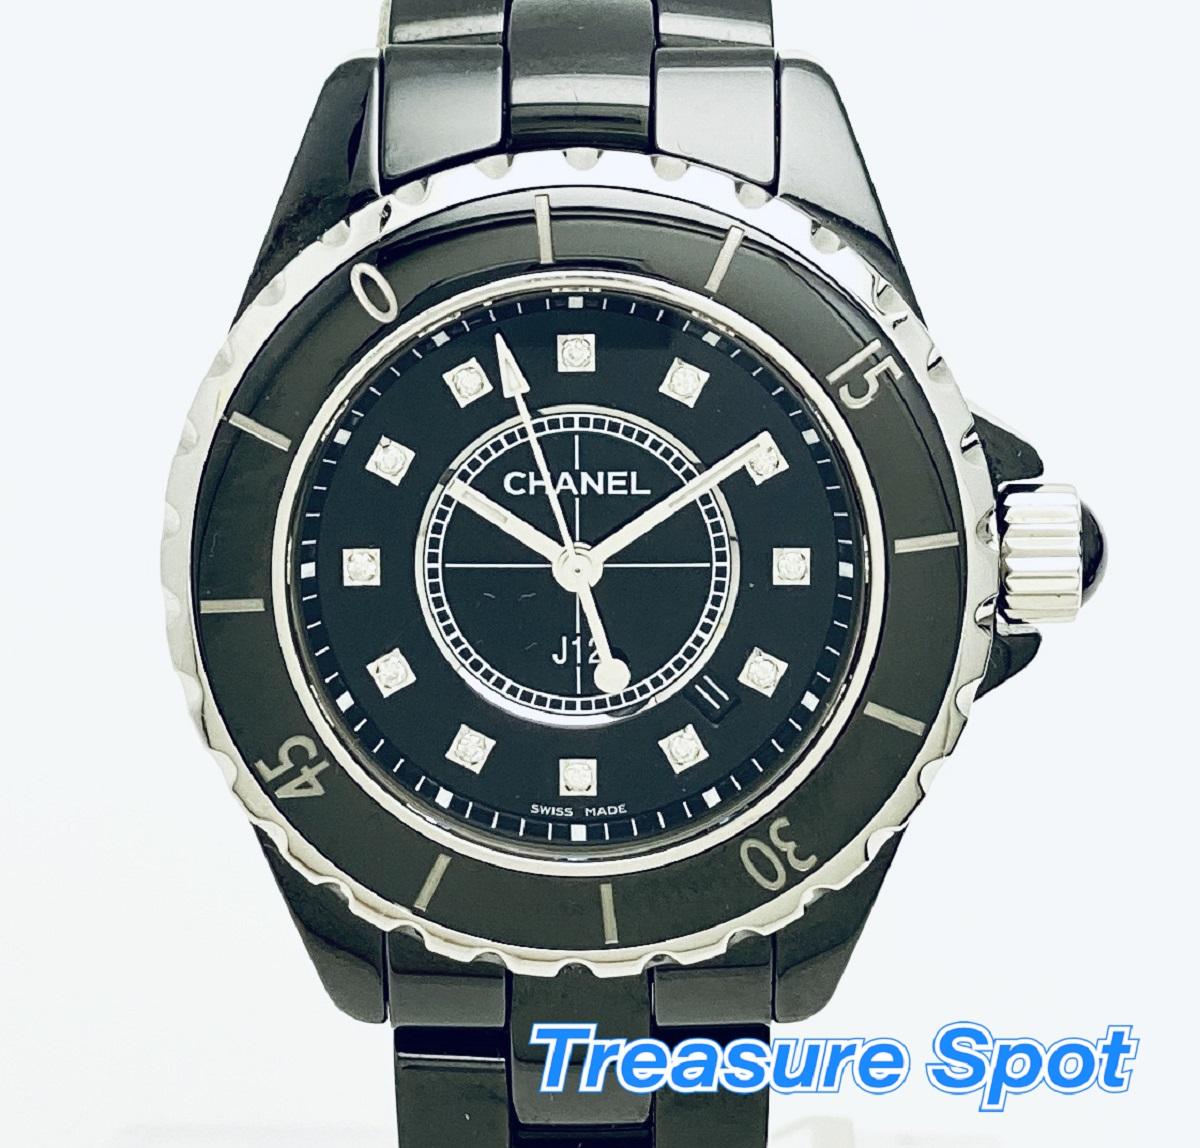 CHANEL シャネル H1625 J12 12Pダイヤ 33mm ブラック セラミック クォーツ QZ レディース 腕時計 送料無料 【トレジャースポット】【中古】